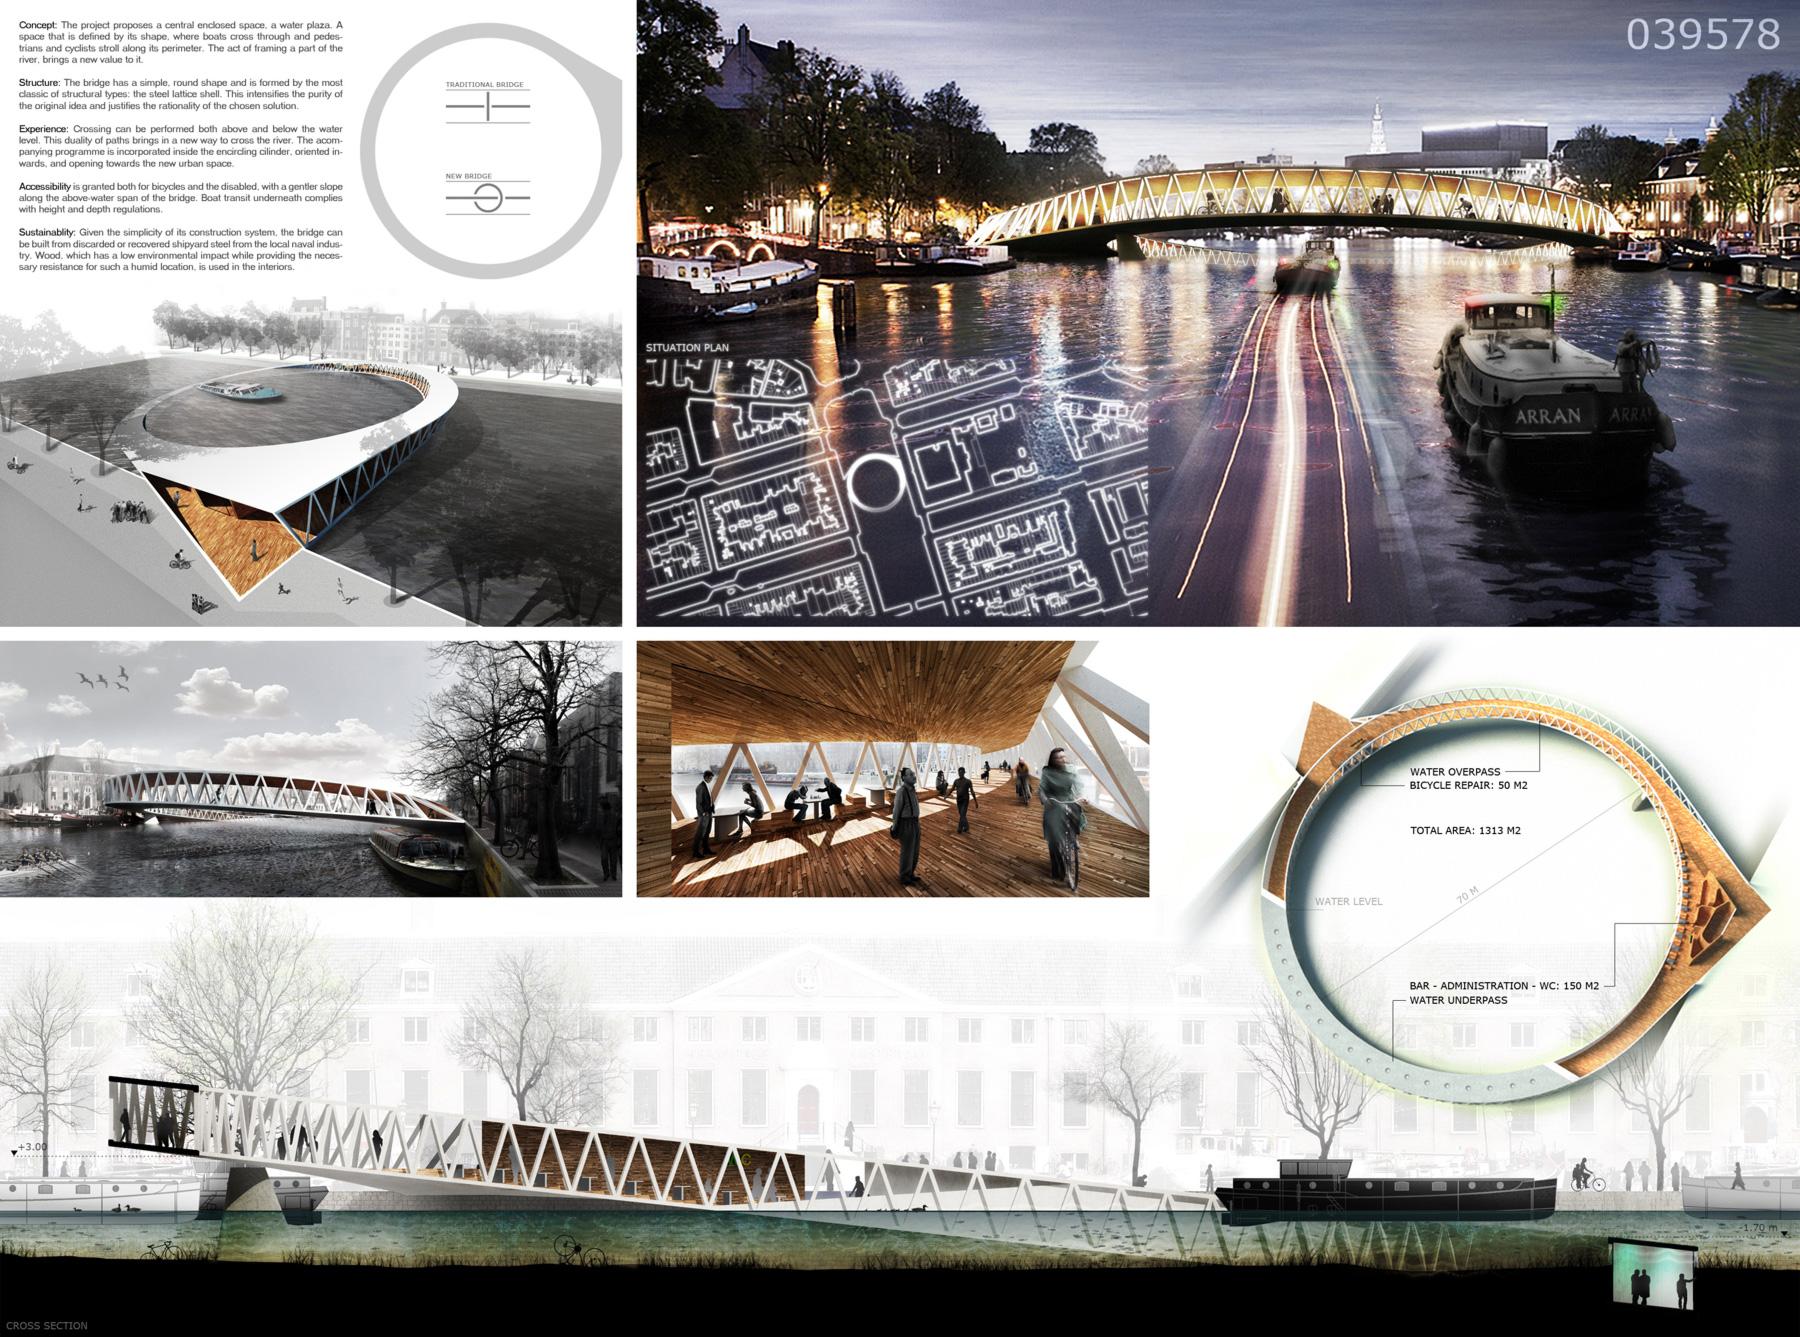 Premiados concurso de ideias ponte de pedestres for Design bridge amsterdam